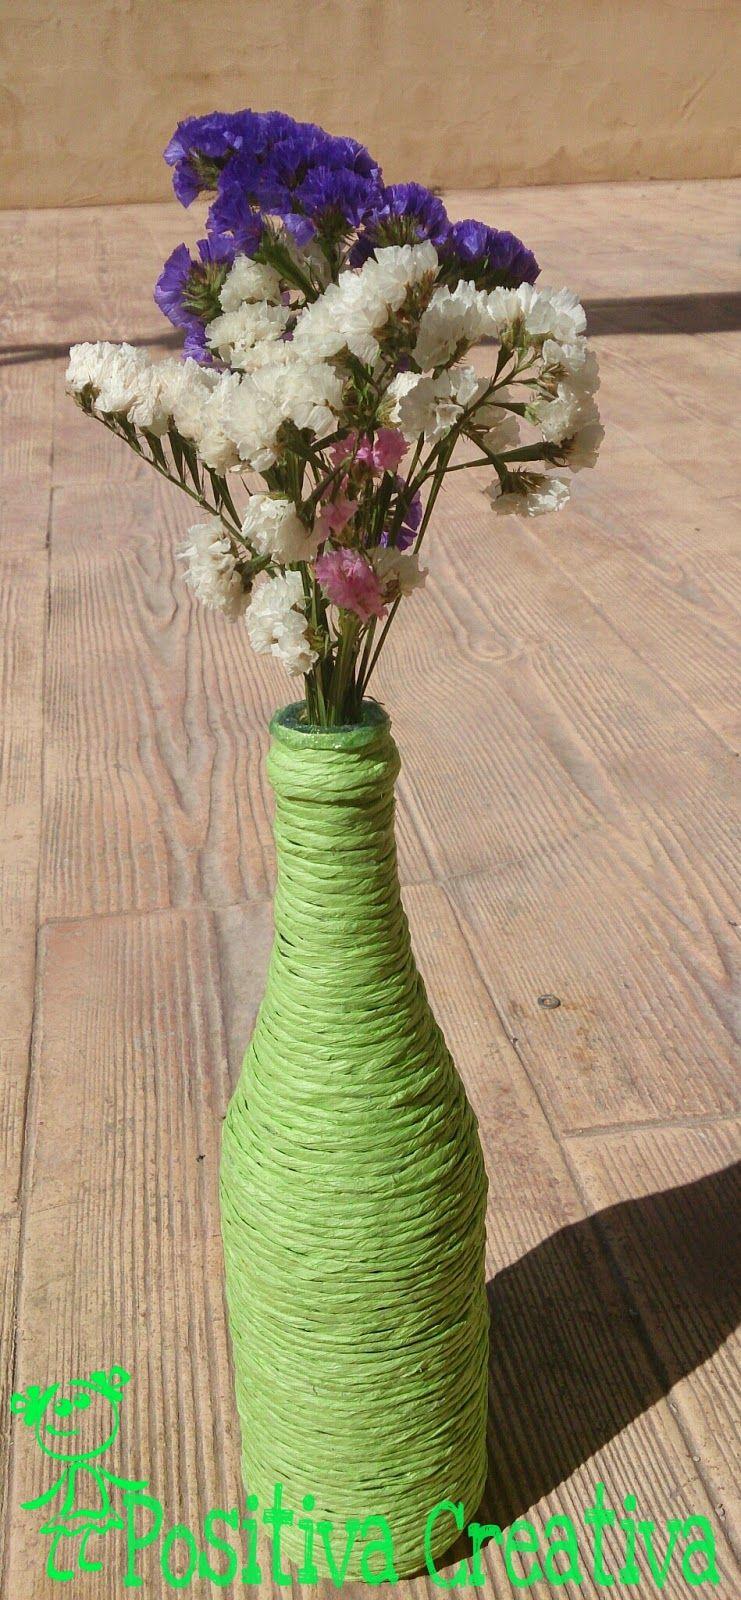 POSITIVA CREATIVA: Como hacer un jarrón de primavera paso a paso con materiales reciclados